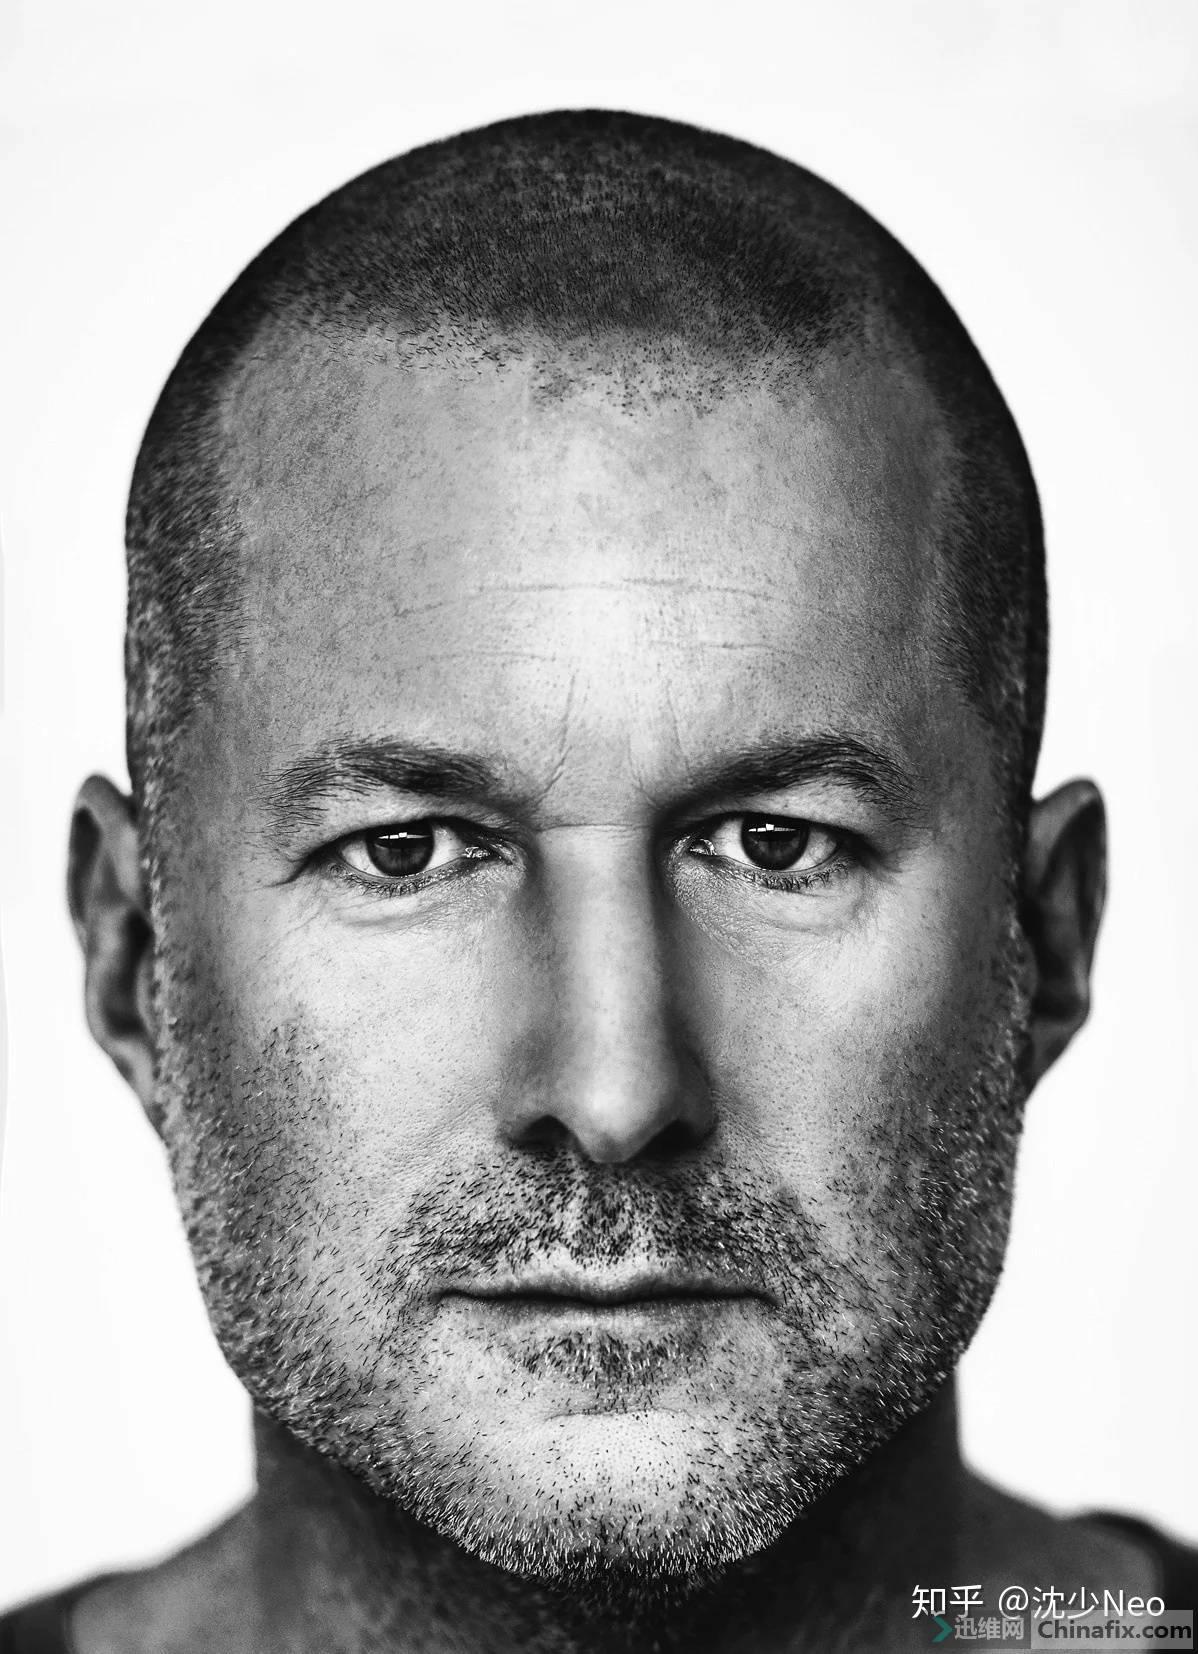 如何看待苹果 2018 年推出的 iPhone XR?配置和性能如何?-12.jpg